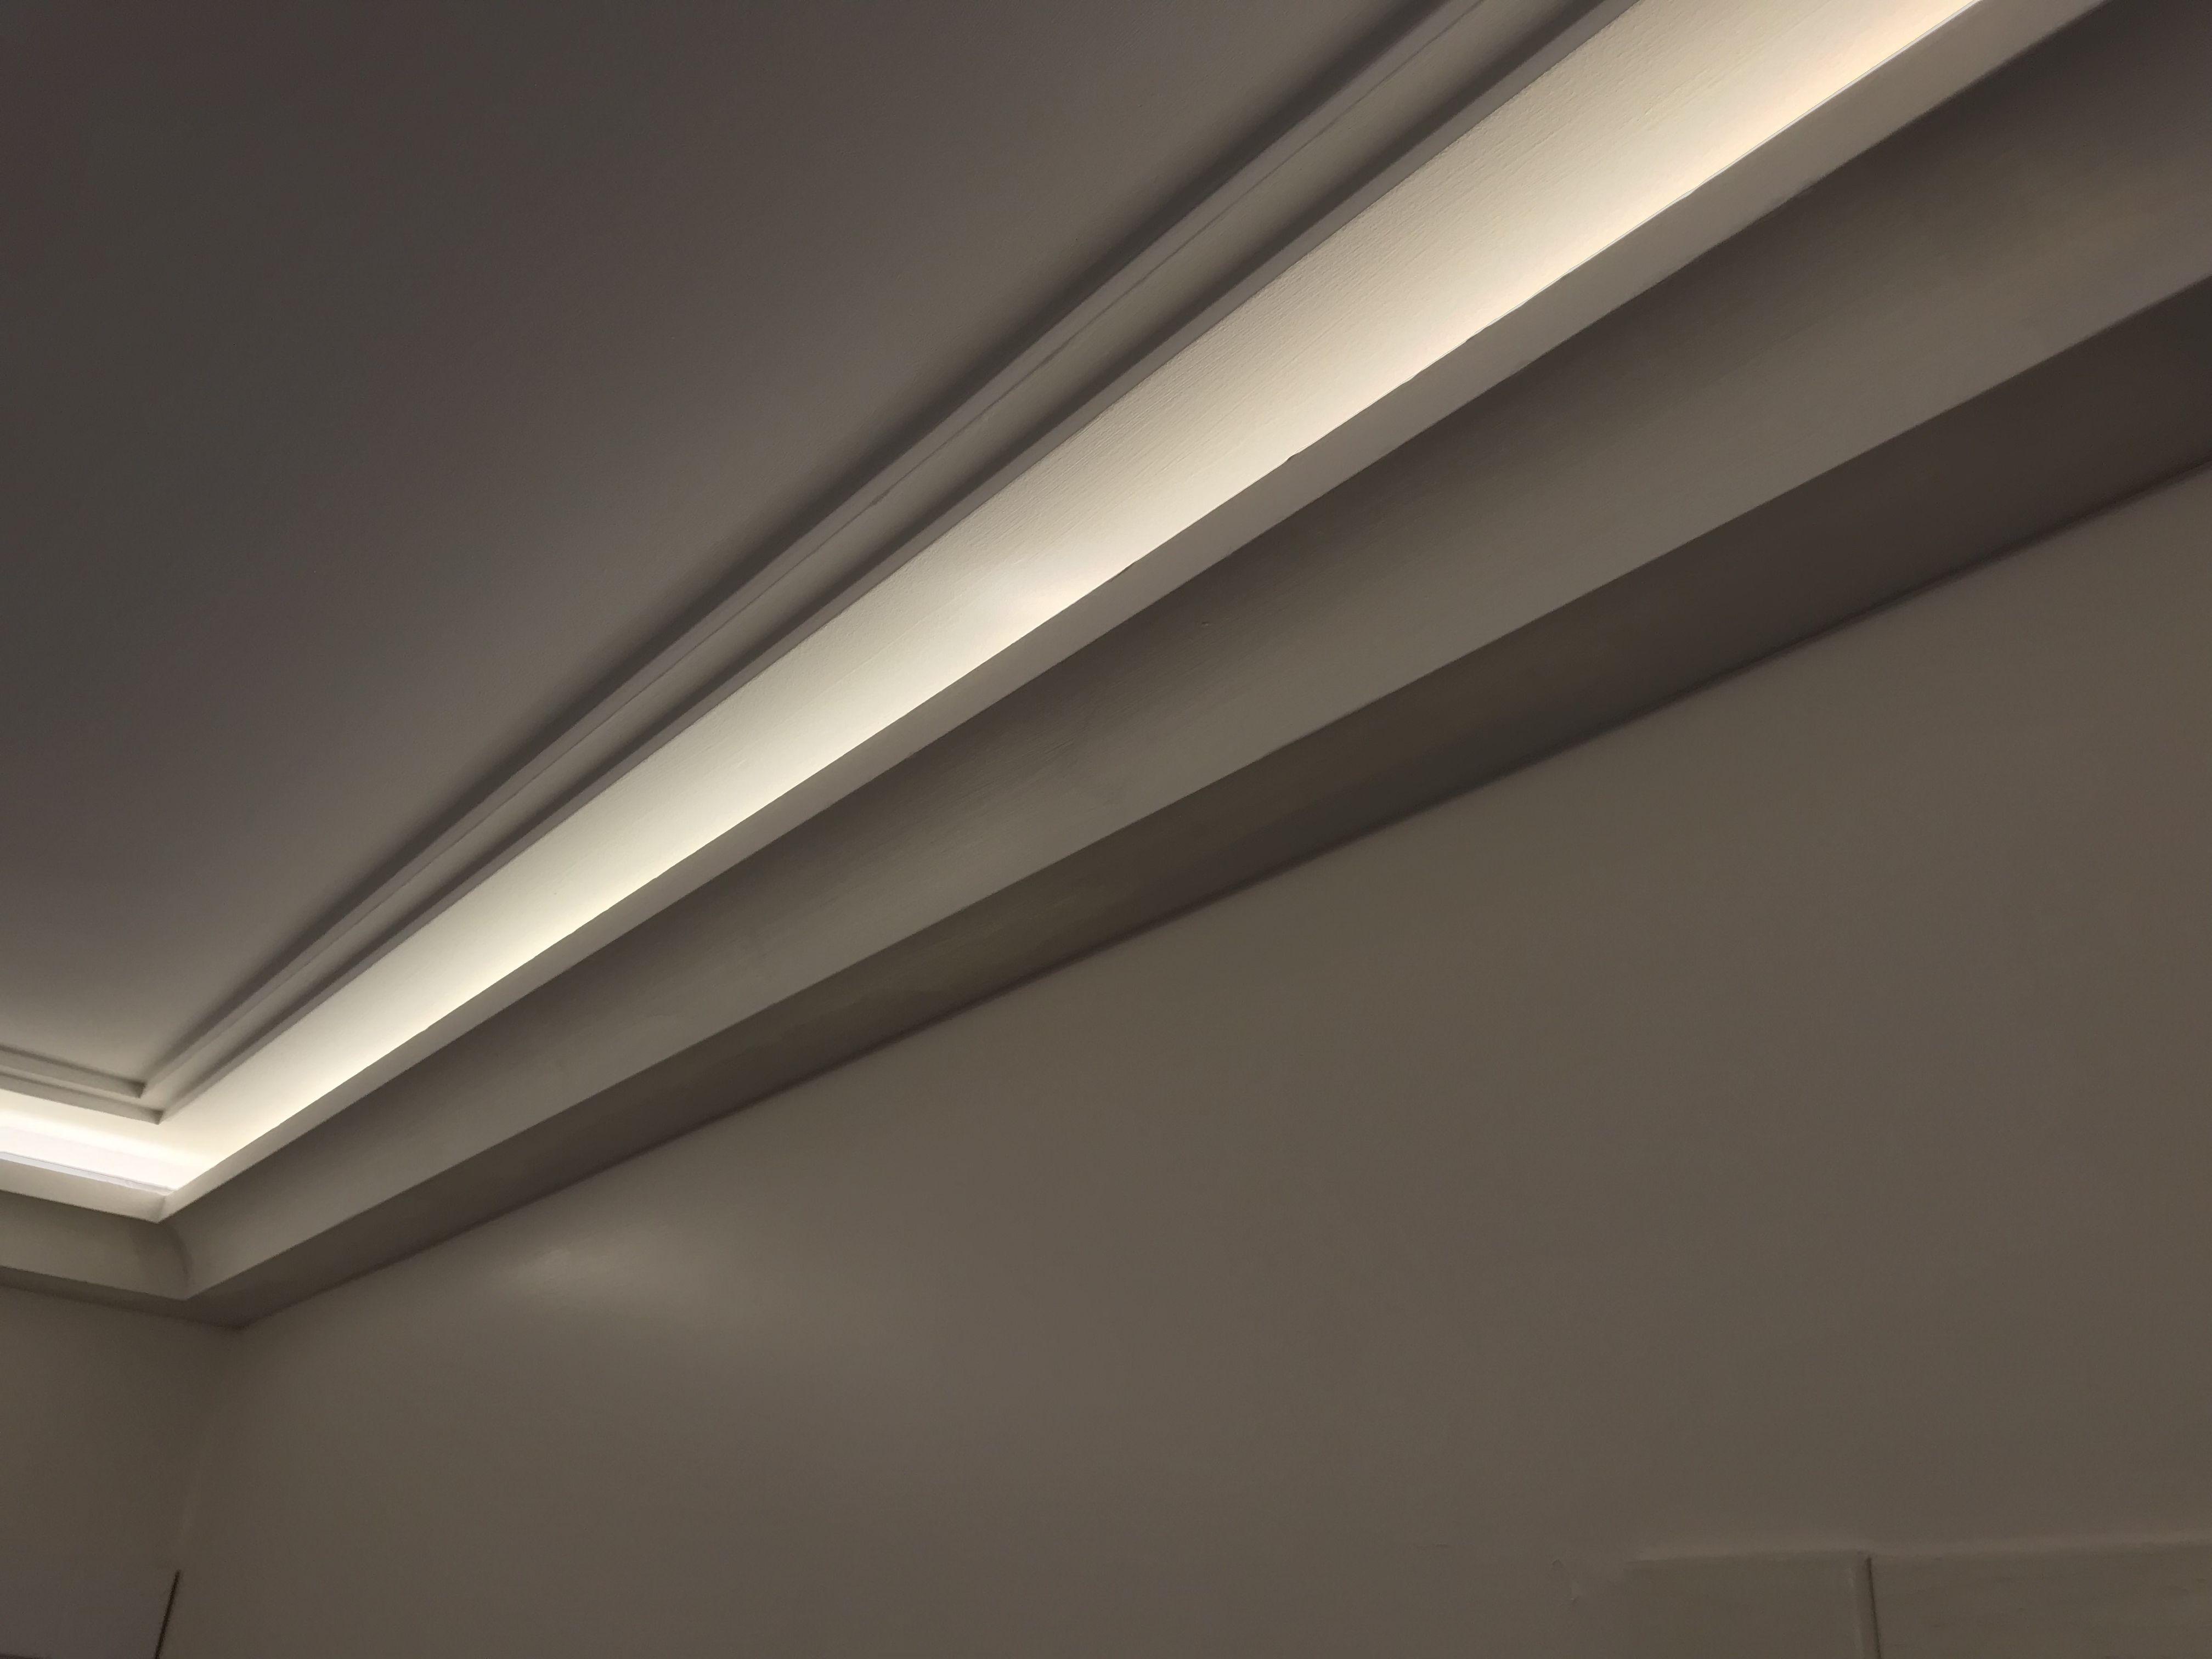 Desis'in hazır ledli stropiyer ürünleriyle evlerinizde hayallerinizdeki  dekoratif görüntüyü sağlayın. Ayrıntılı bilgi, fiyat ve… | Dekorasyon  fikirleri, Tavan, Led